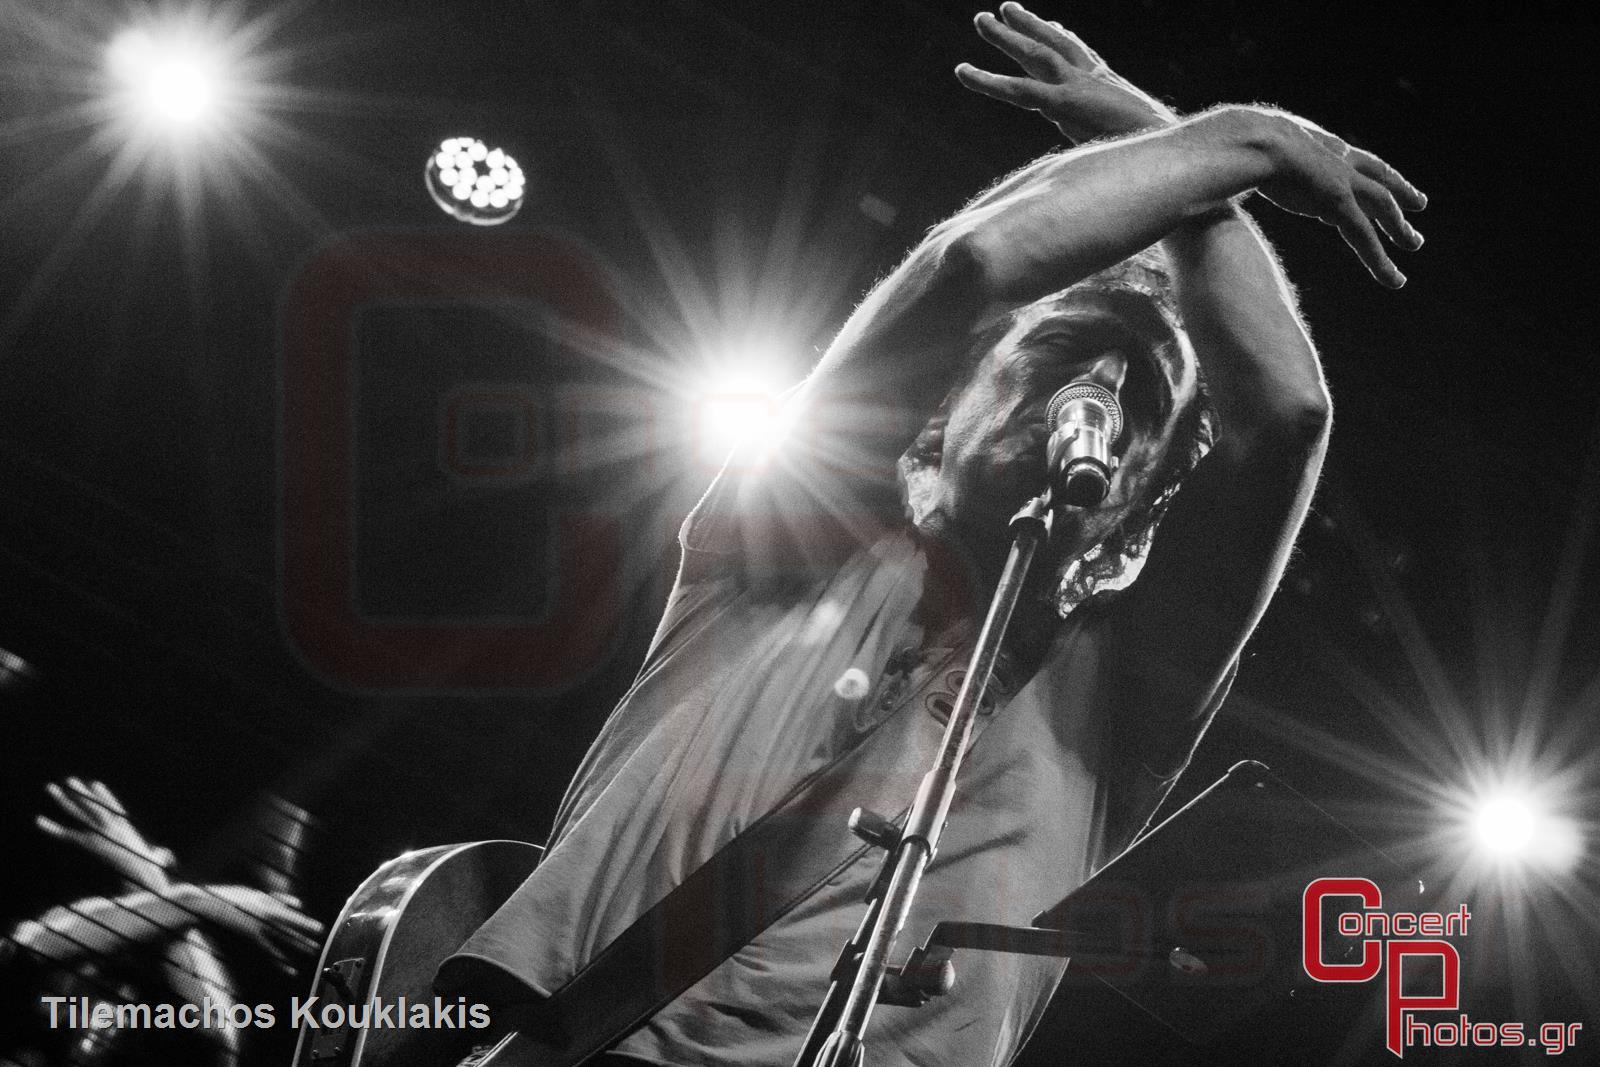 Βασίλης Παπακωνσταντίνου - 40 Χρόνια Έφηβος-Vasilis Papakonstantinou 40 Chronia Efivos photographer: Tilemachos Kouklakis - concertphotos_-4599